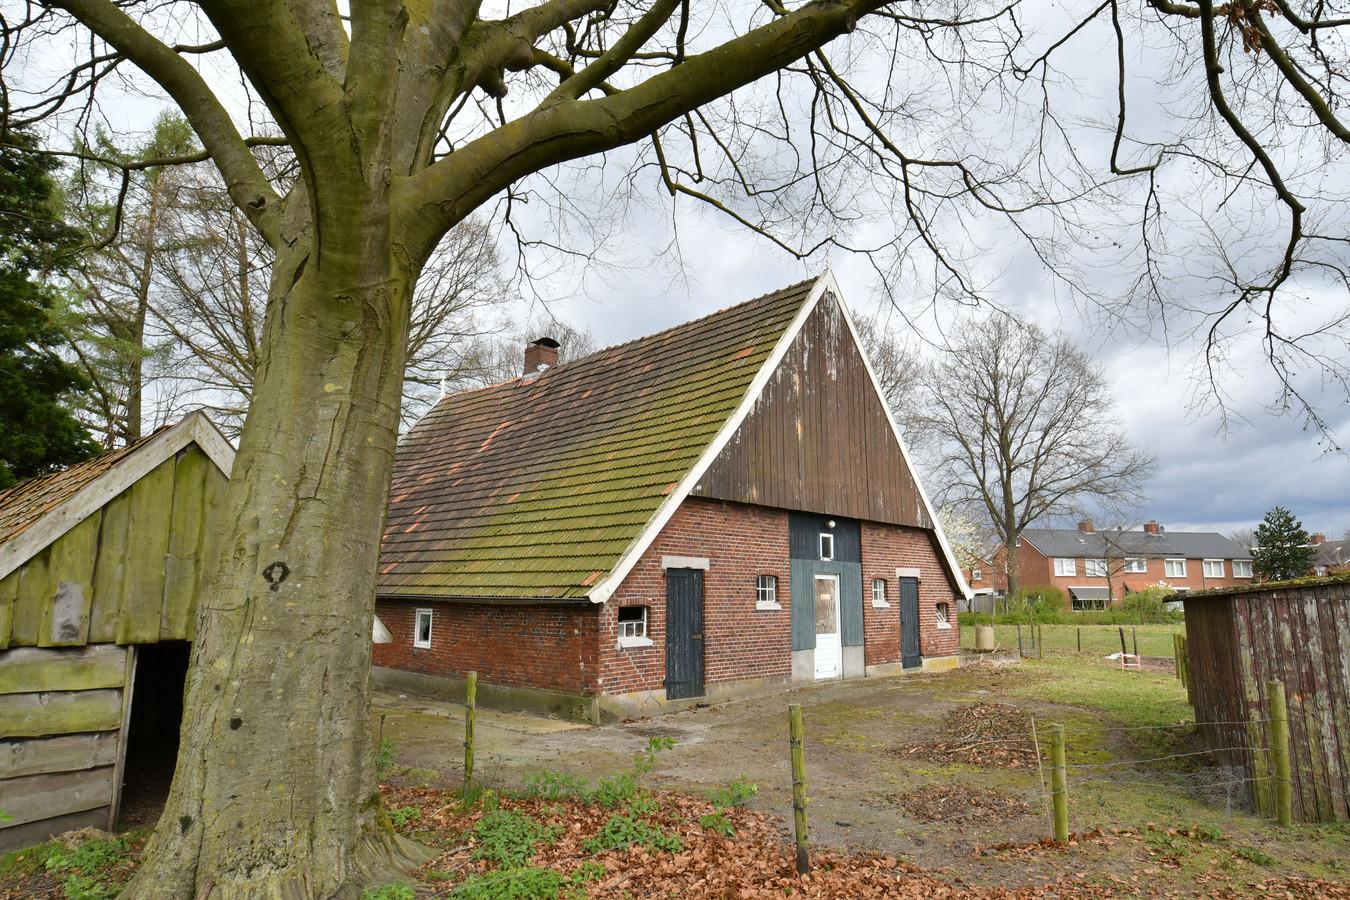 De voormalige boerderij Aveskamp.